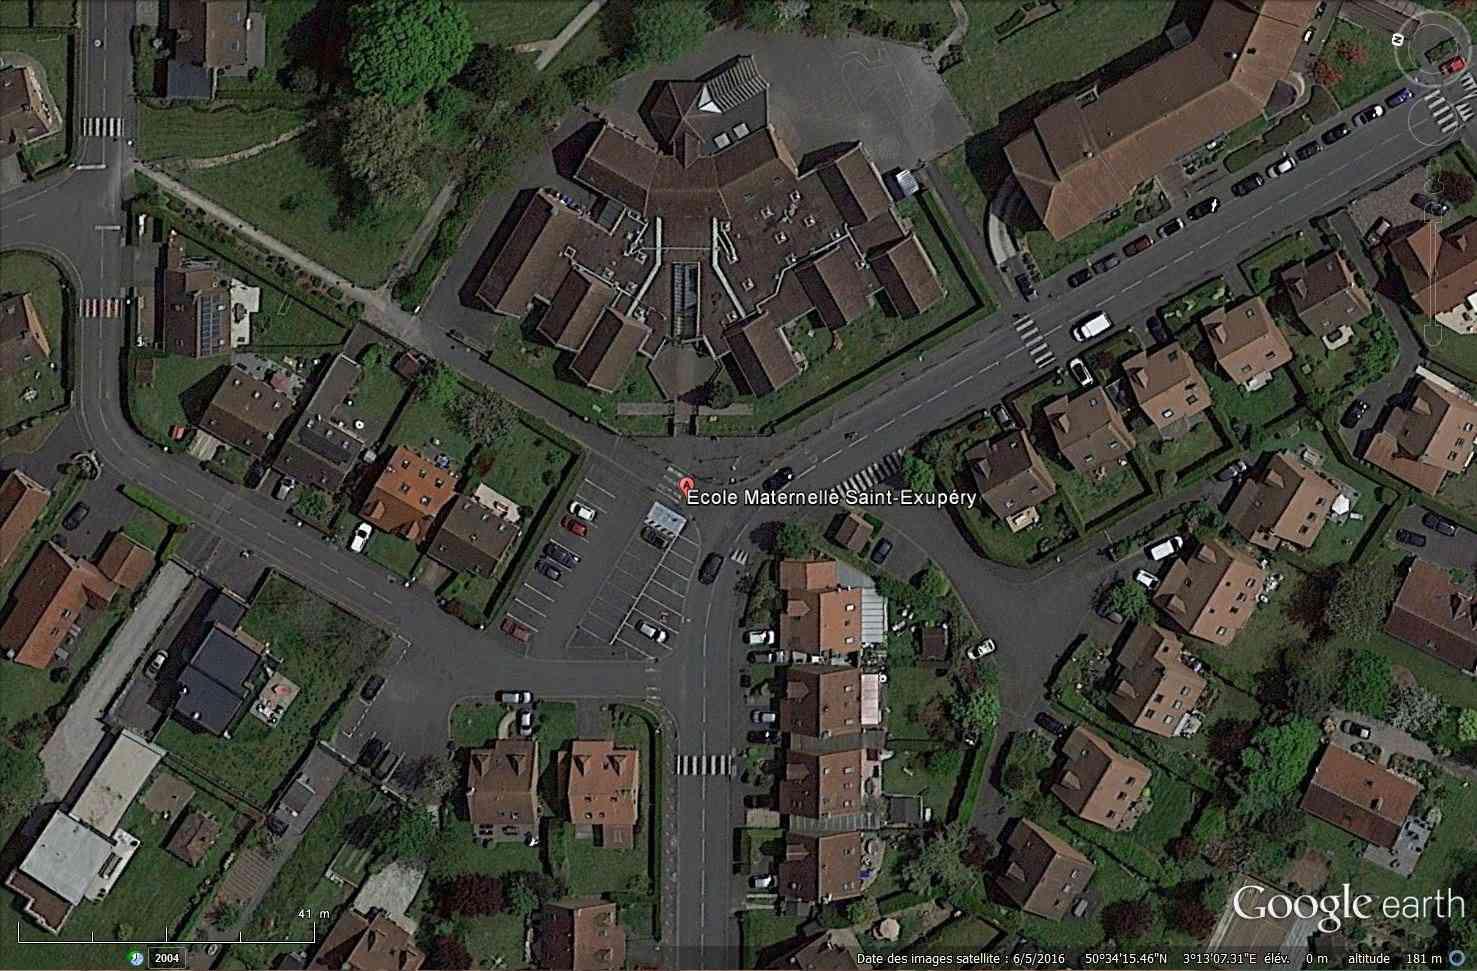 [Désormais visible sur Google-Earth] - Le passage piétons 3D de Cysoing, Nord Tsge_083